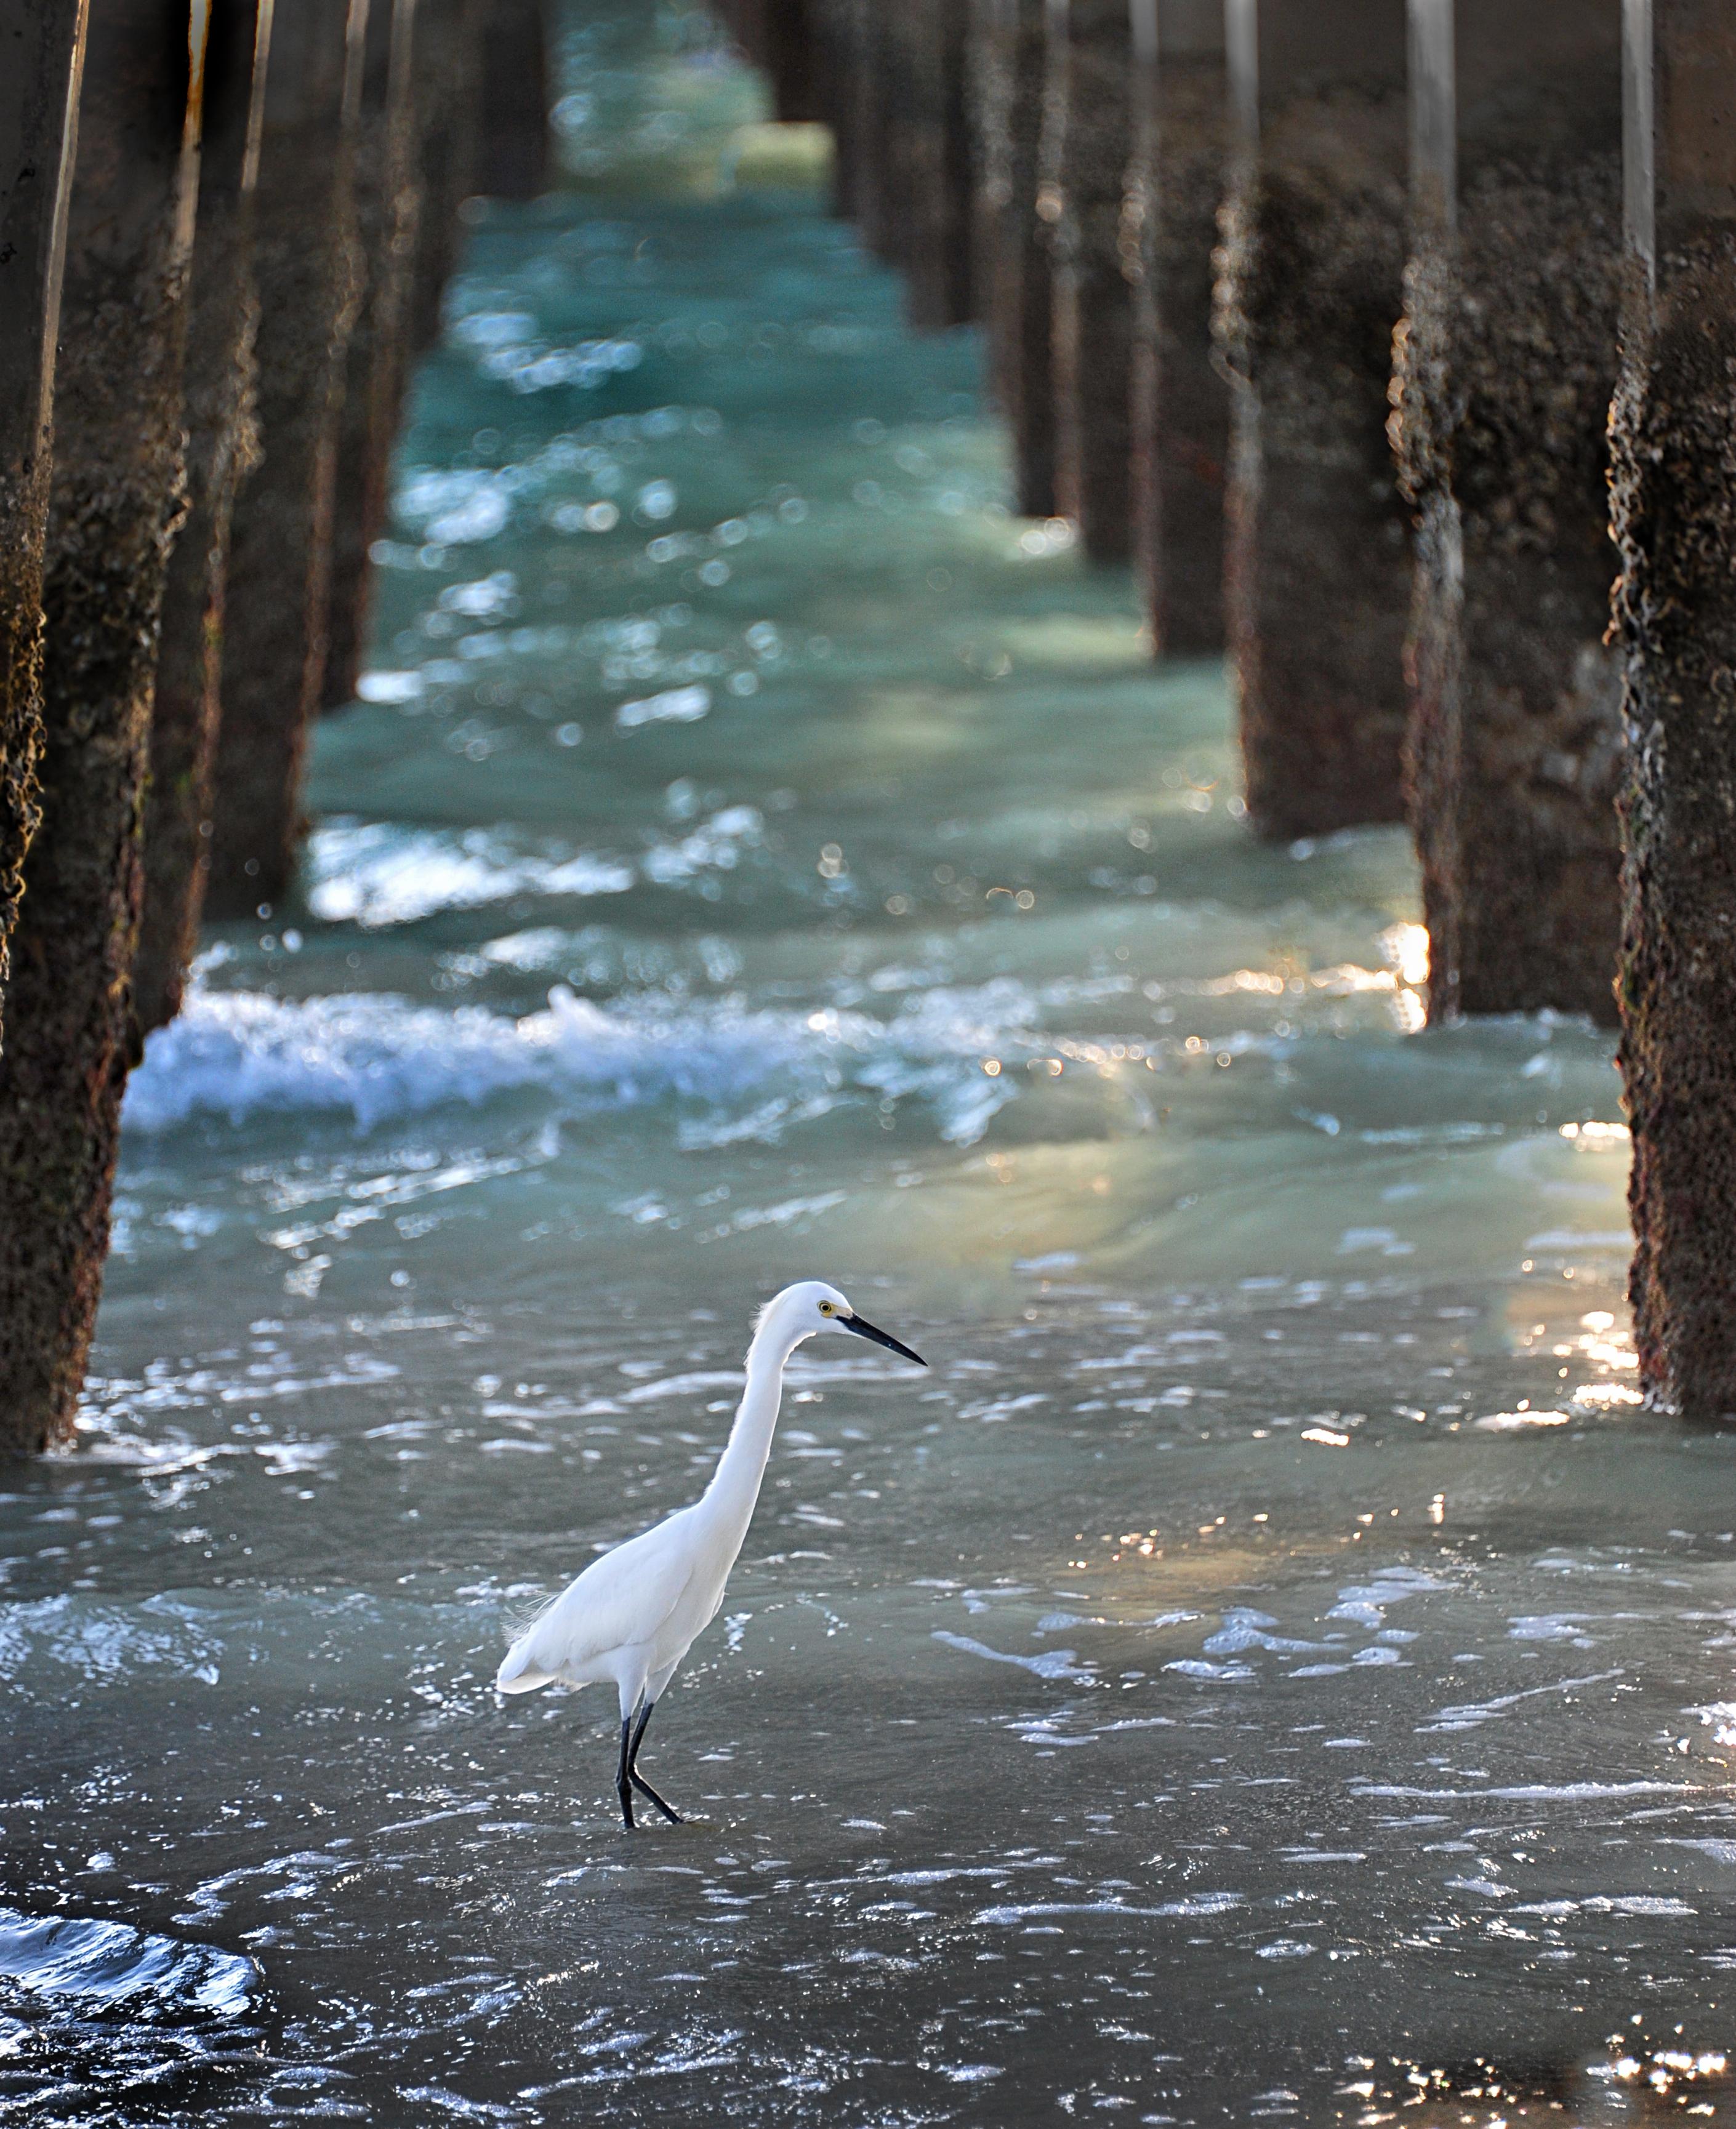 Egret-under-Piers